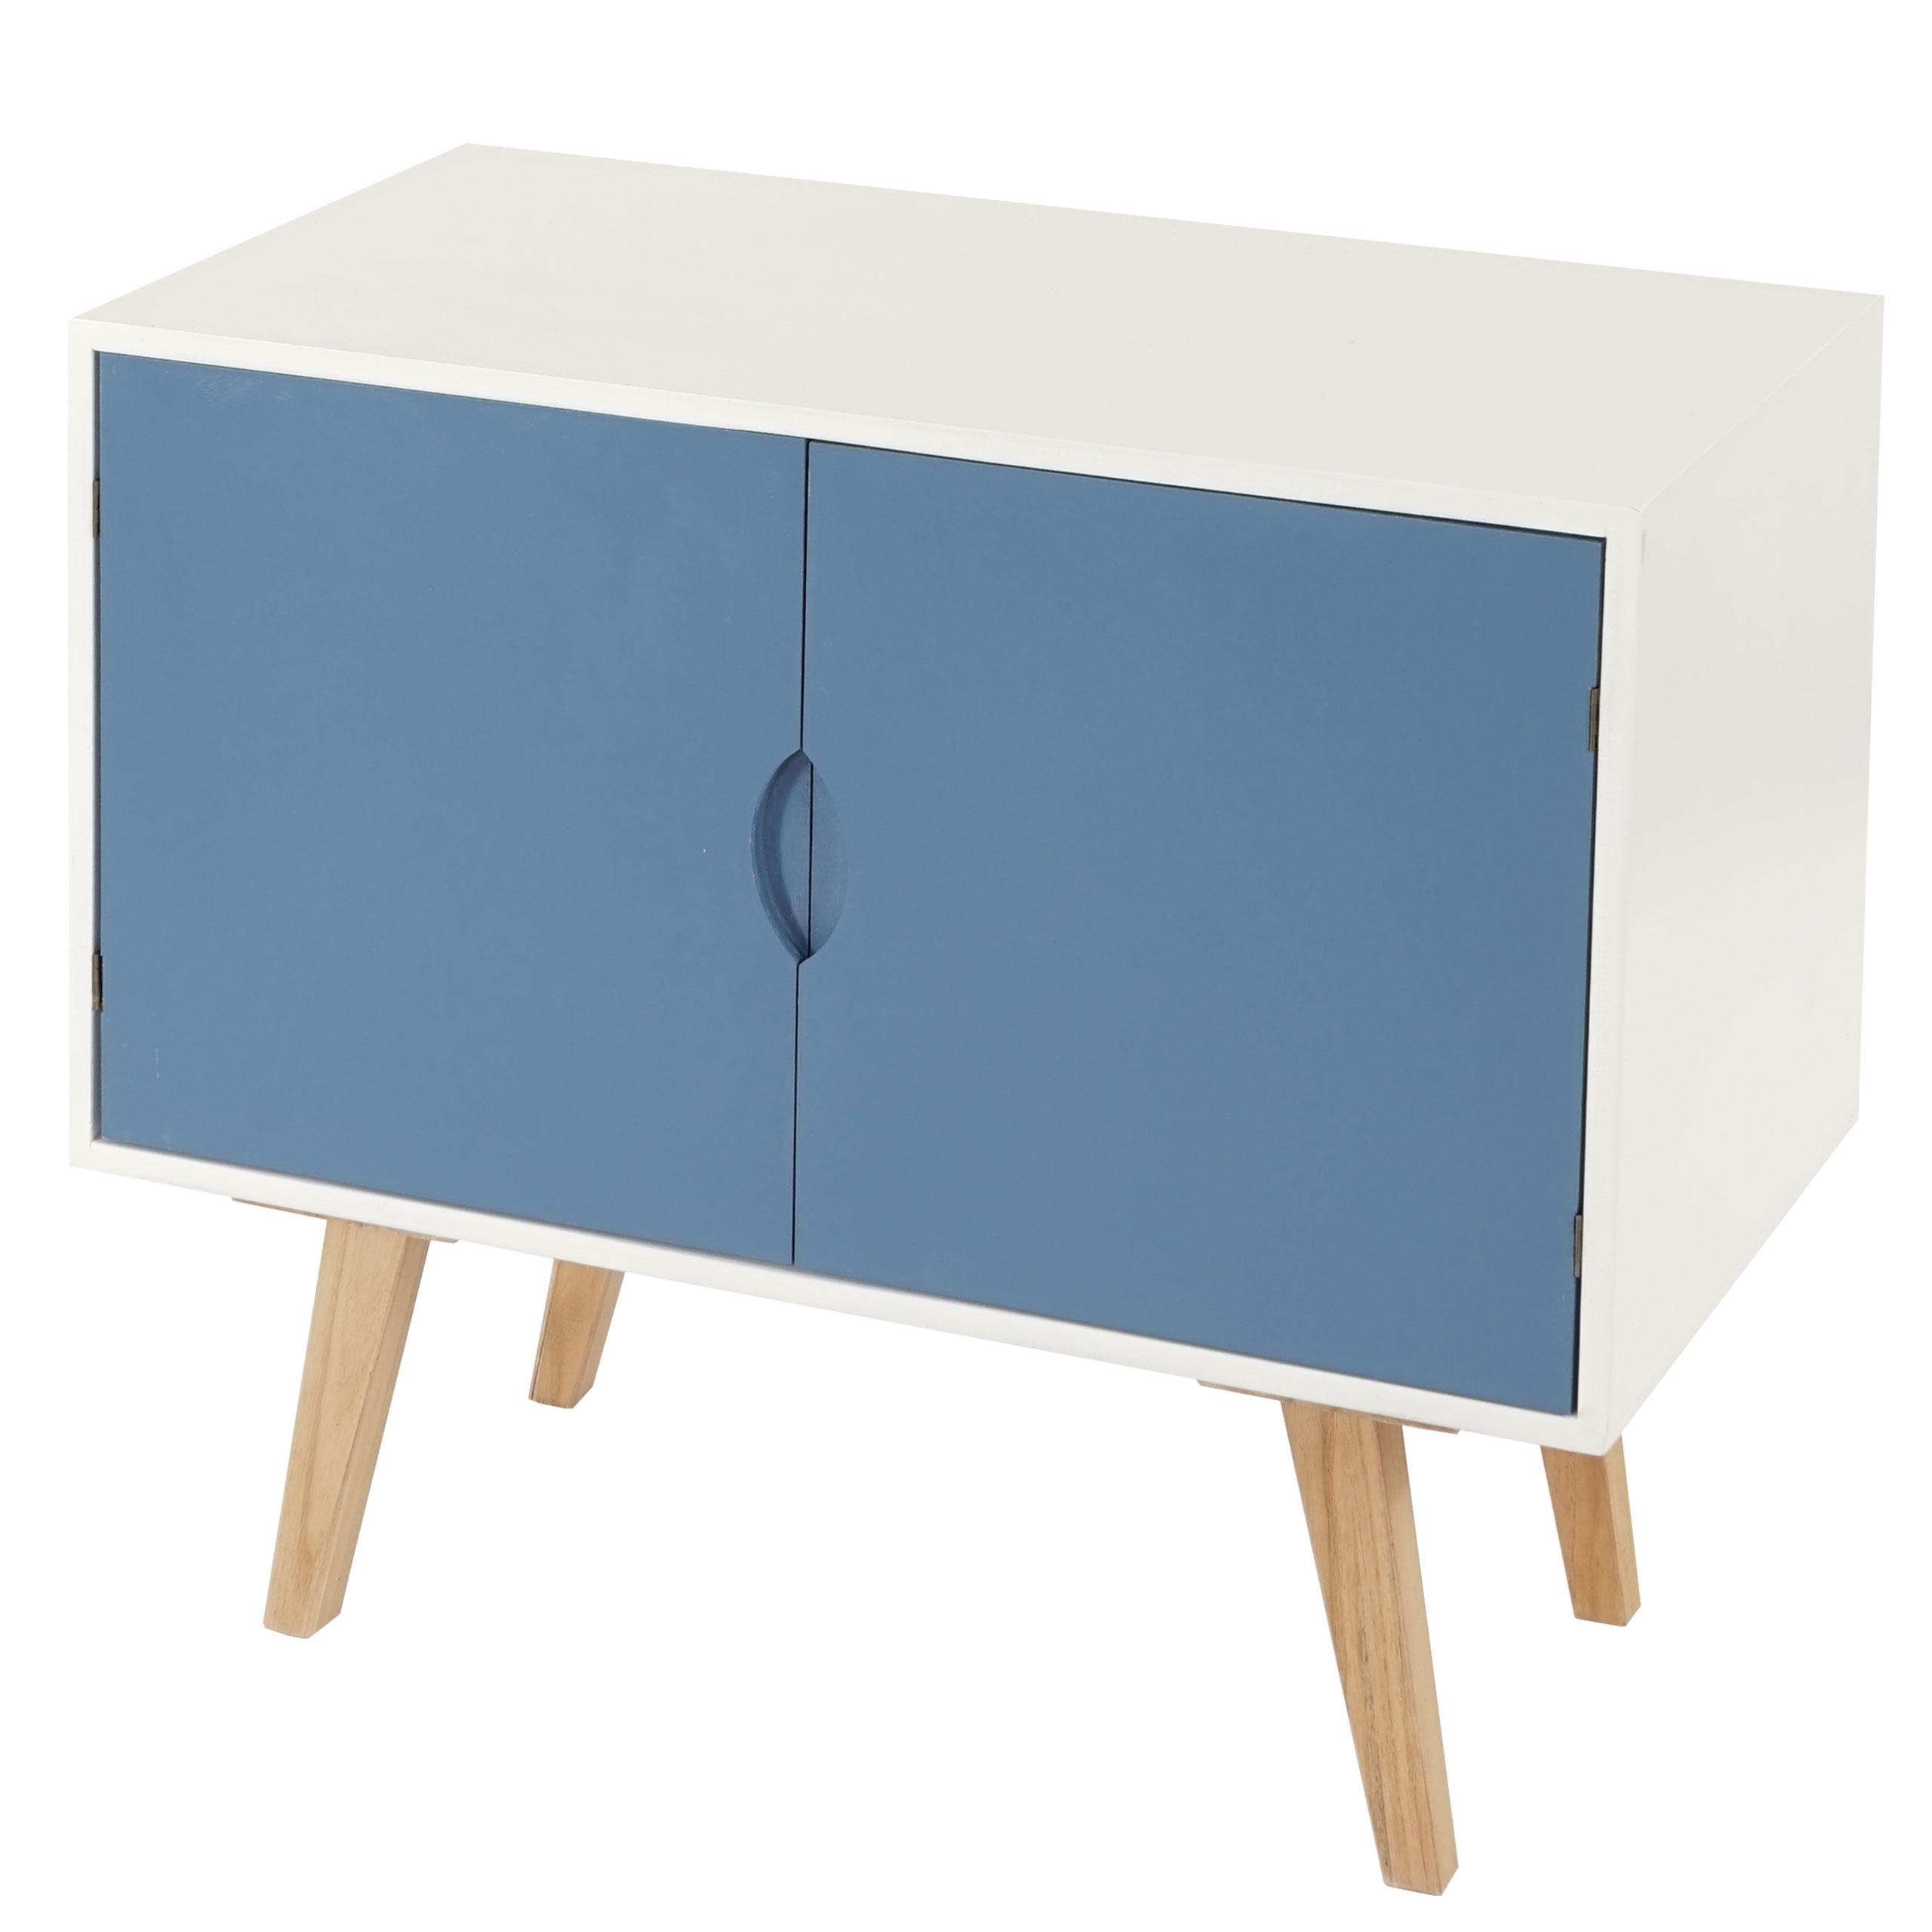 kommode vaasa t292 schrank sideboard retro design. Black Bedroom Furniture Sets. Home Design Ideas